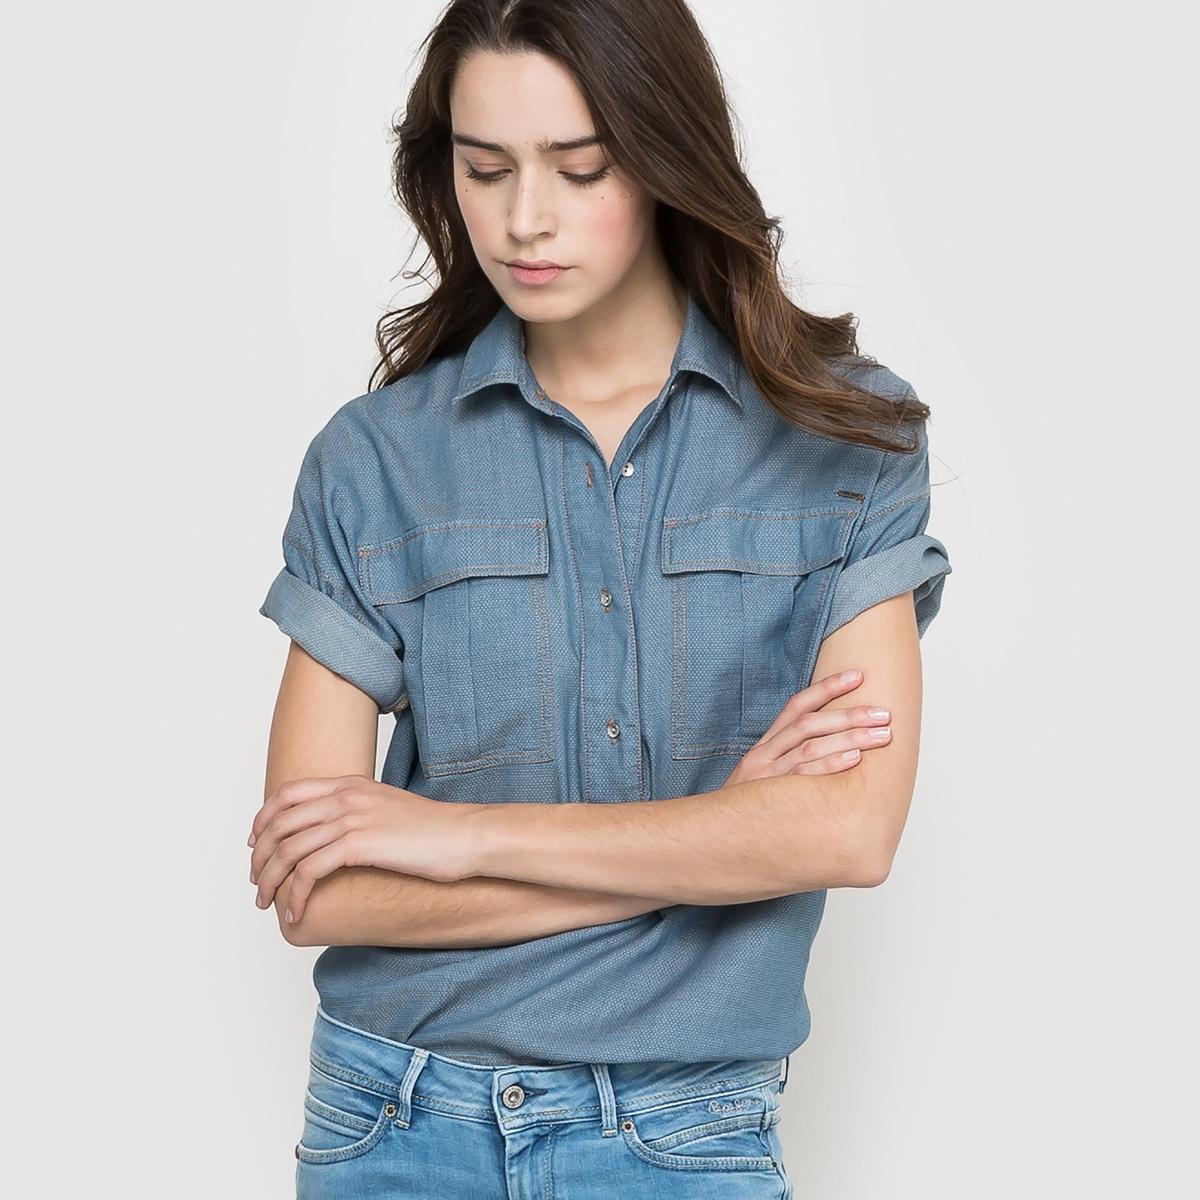 Рубашка с короткими рукавамиРубашка. 100% хлопка. Короткие рукава с отворотами. Накладные карманы спереди. Длина 58 см .<br><br>Цвет: синий индиго<br>Размер: M.S